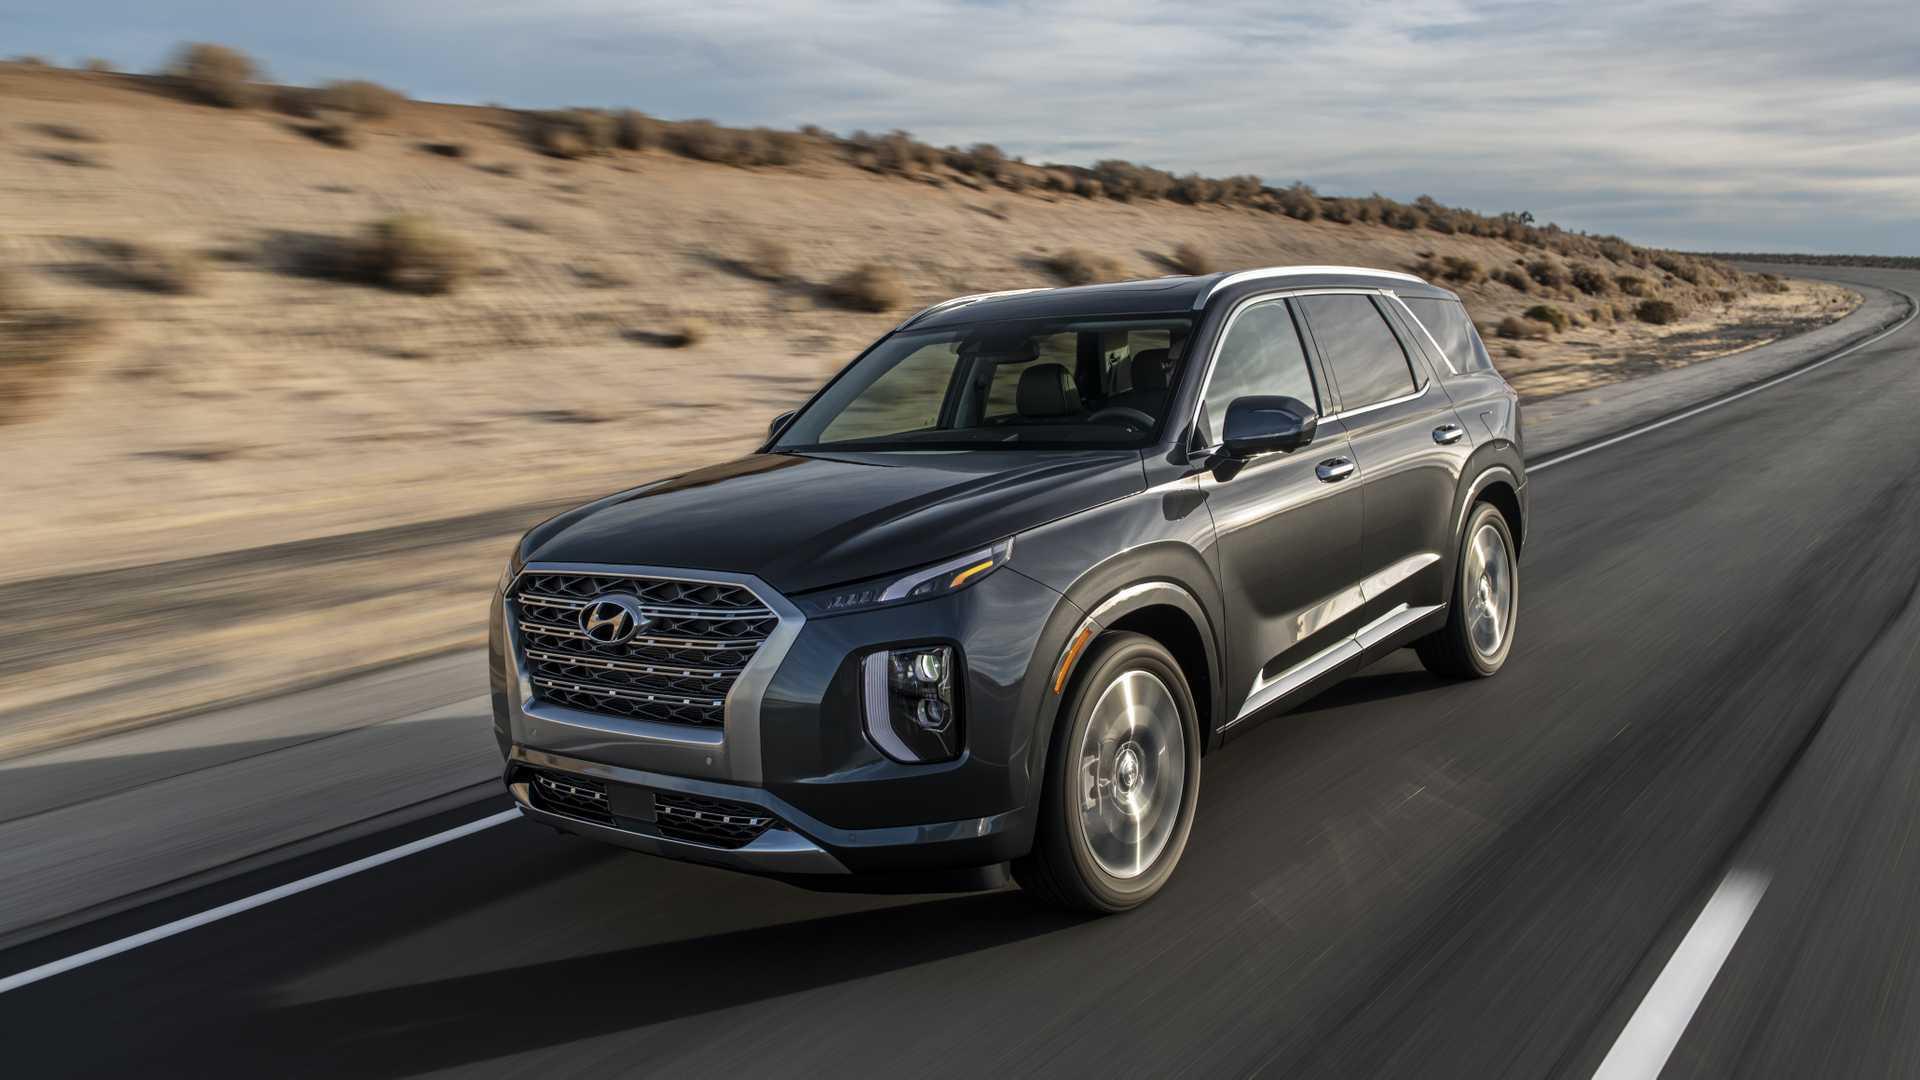 Hyundai Palisade é revelado como legítimo sucessor do Vera Cruz